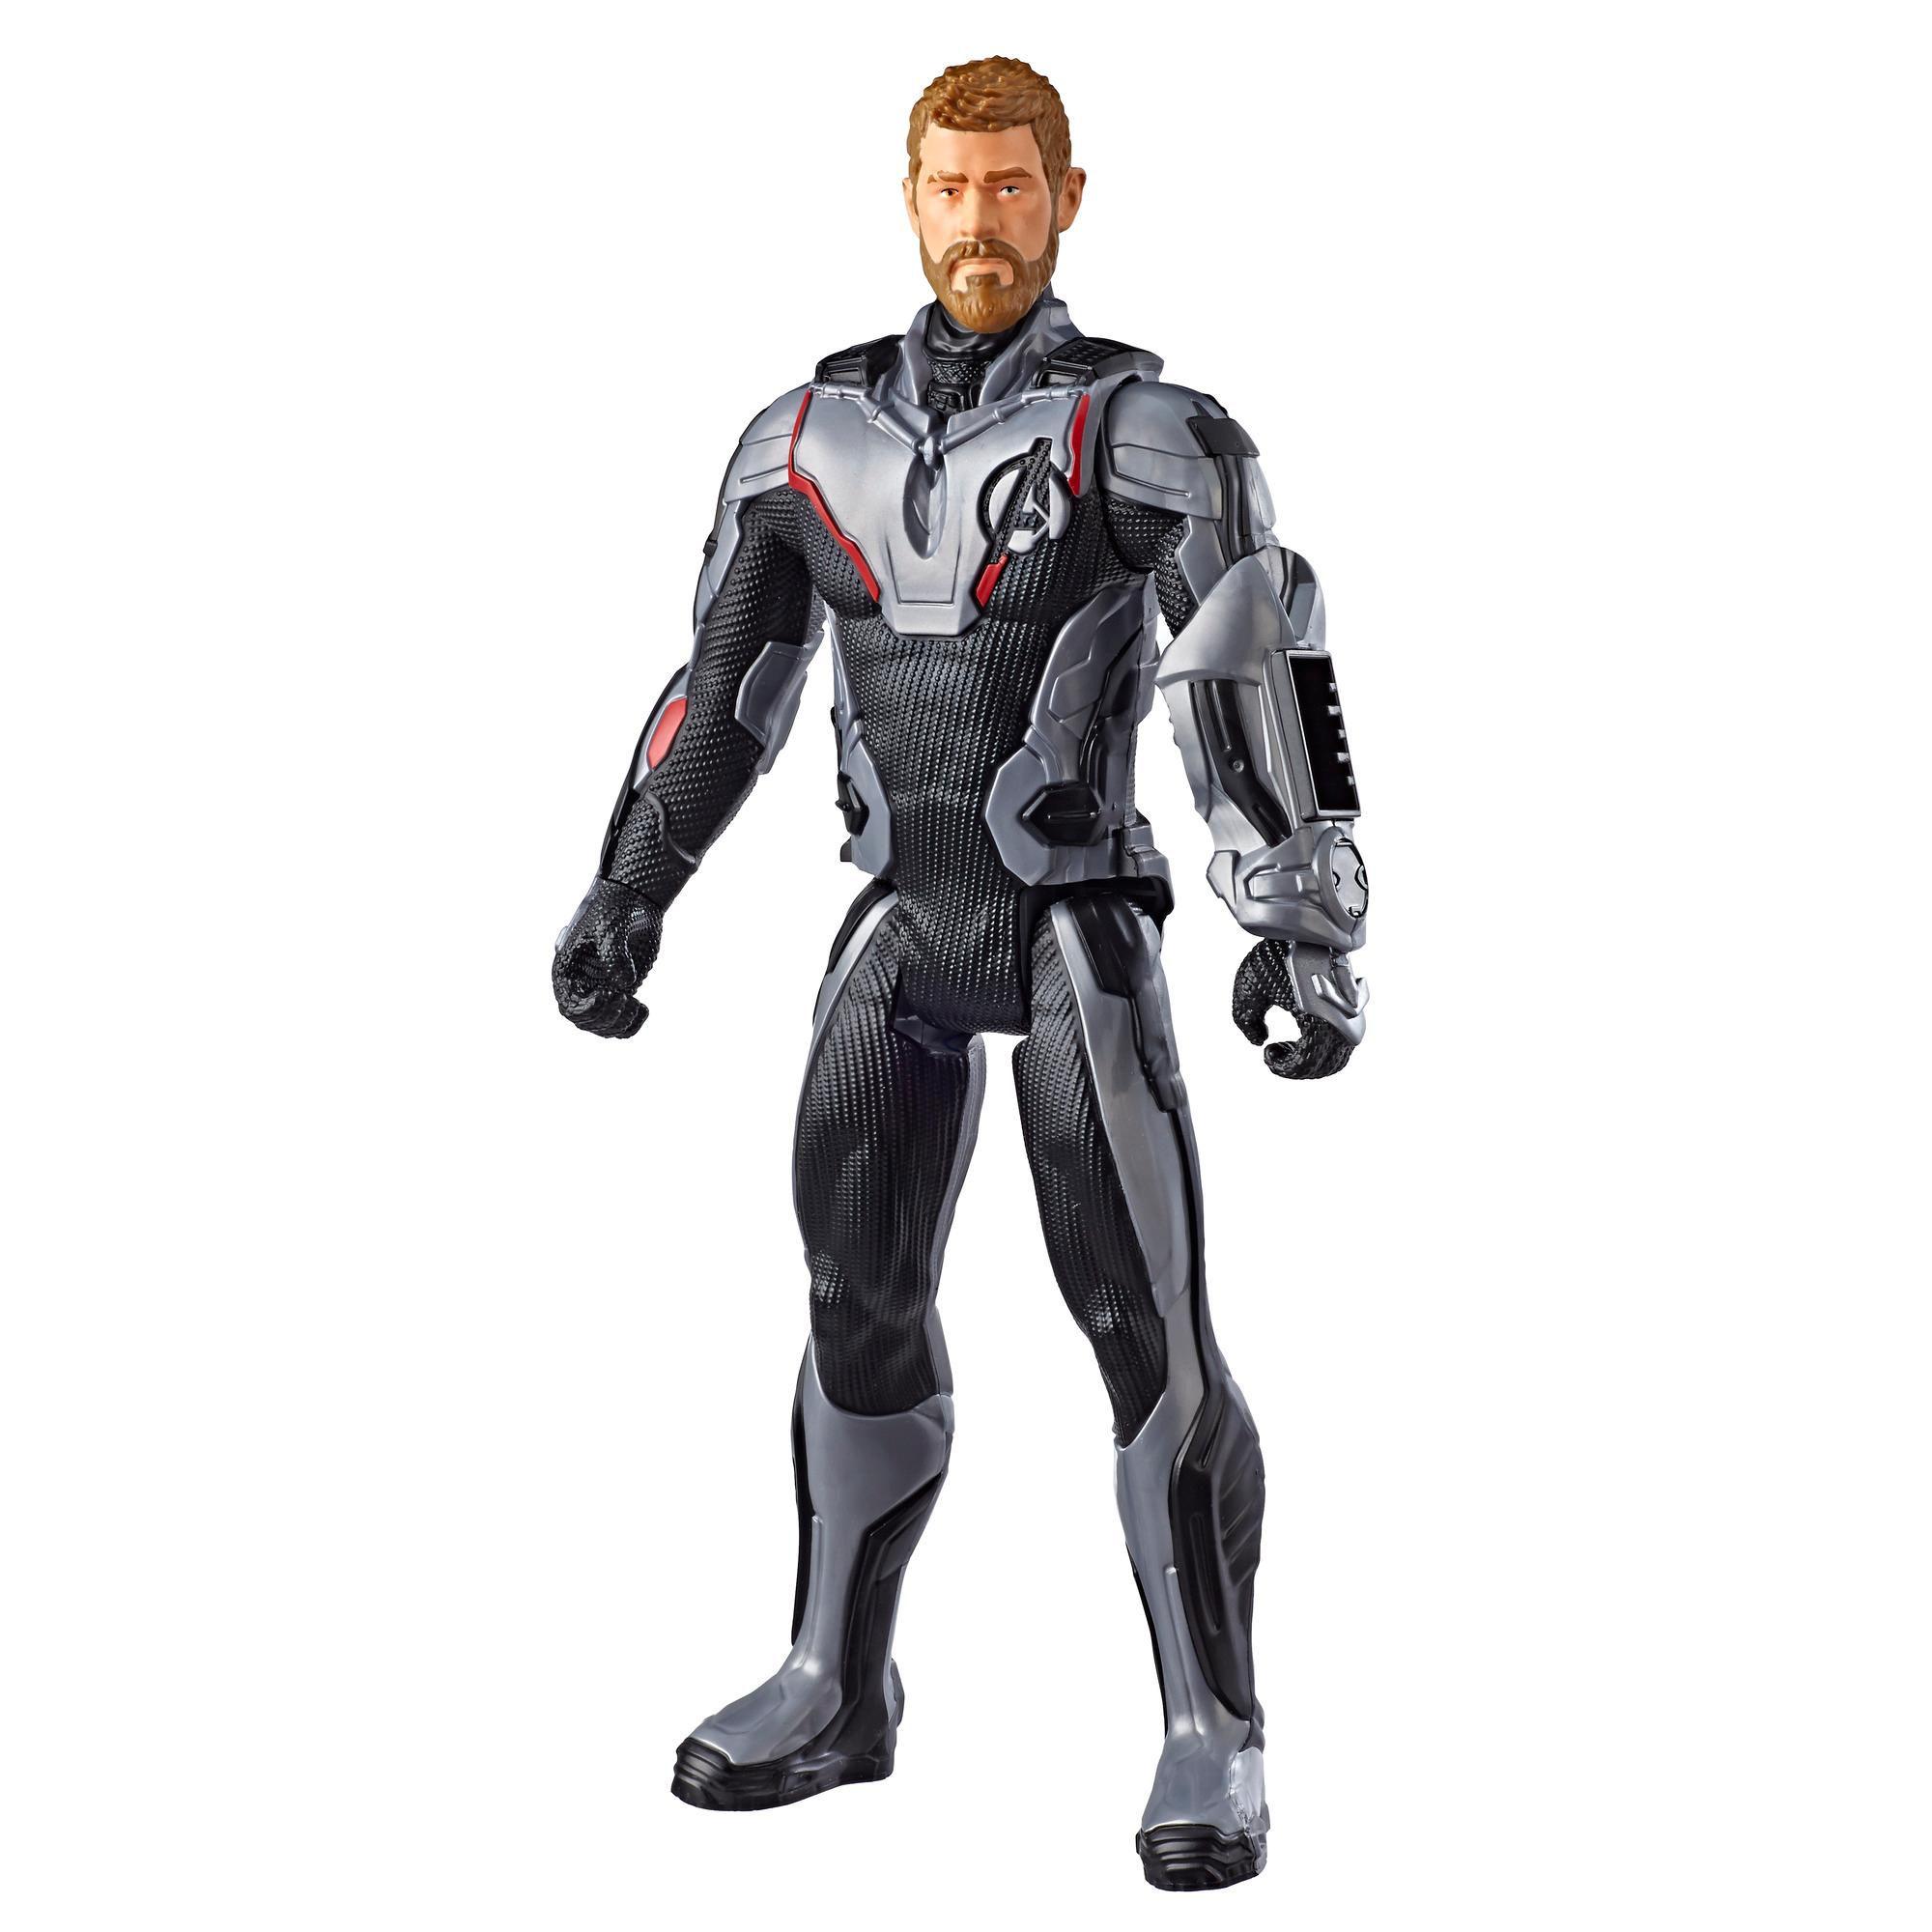 Boneco Titan Thor E3921 - Hasbro